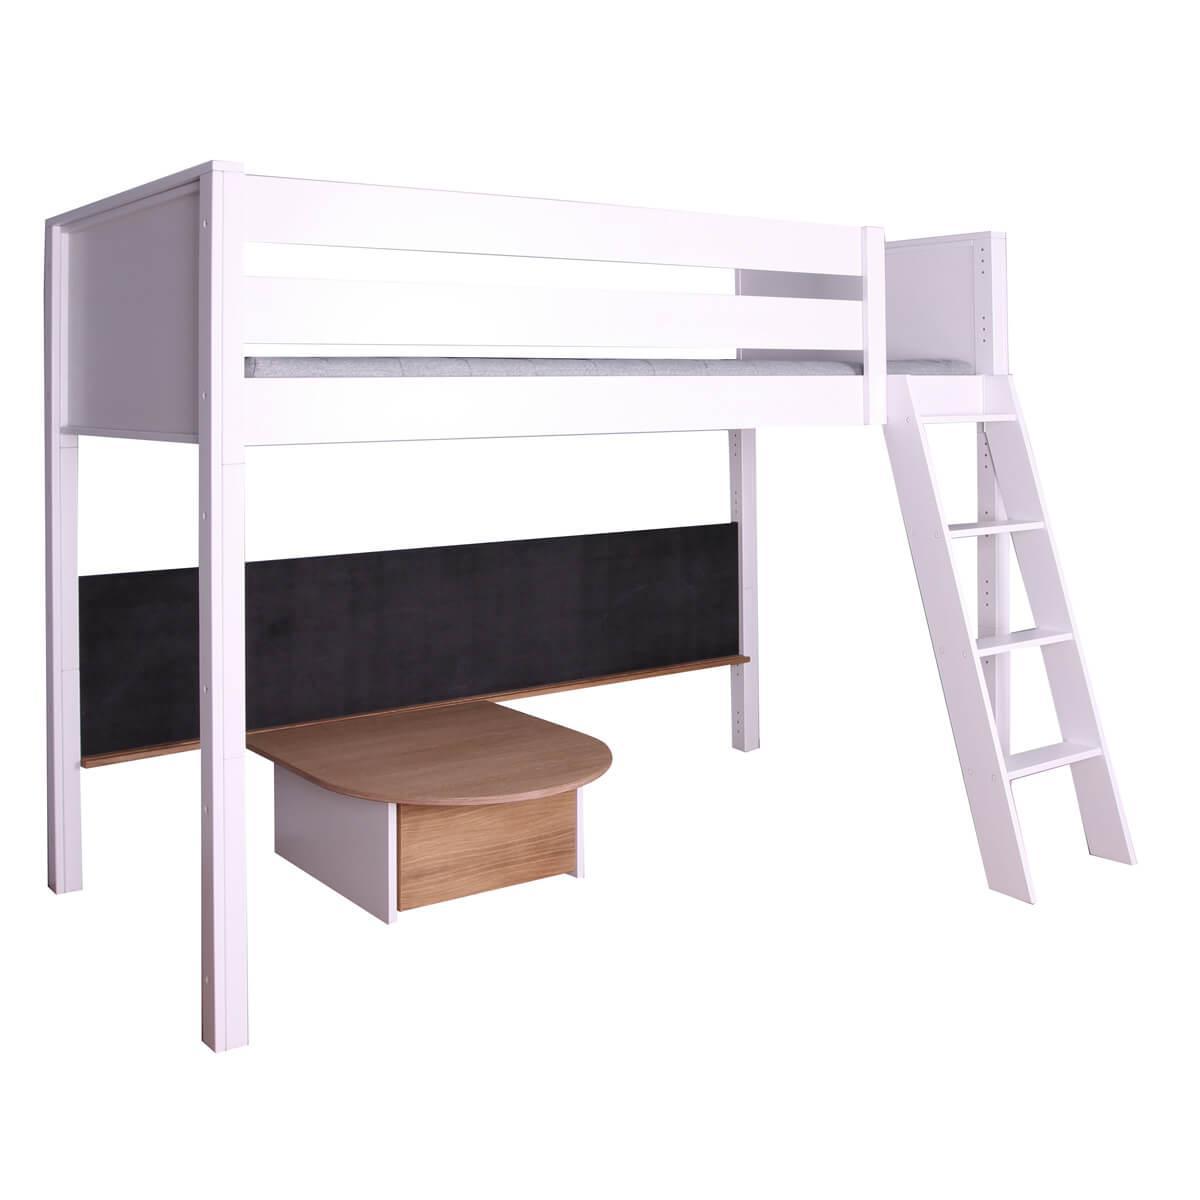 Halbhohes Bett-Tafel-Tisch  KASVA Buche massiv weiß-lackiert